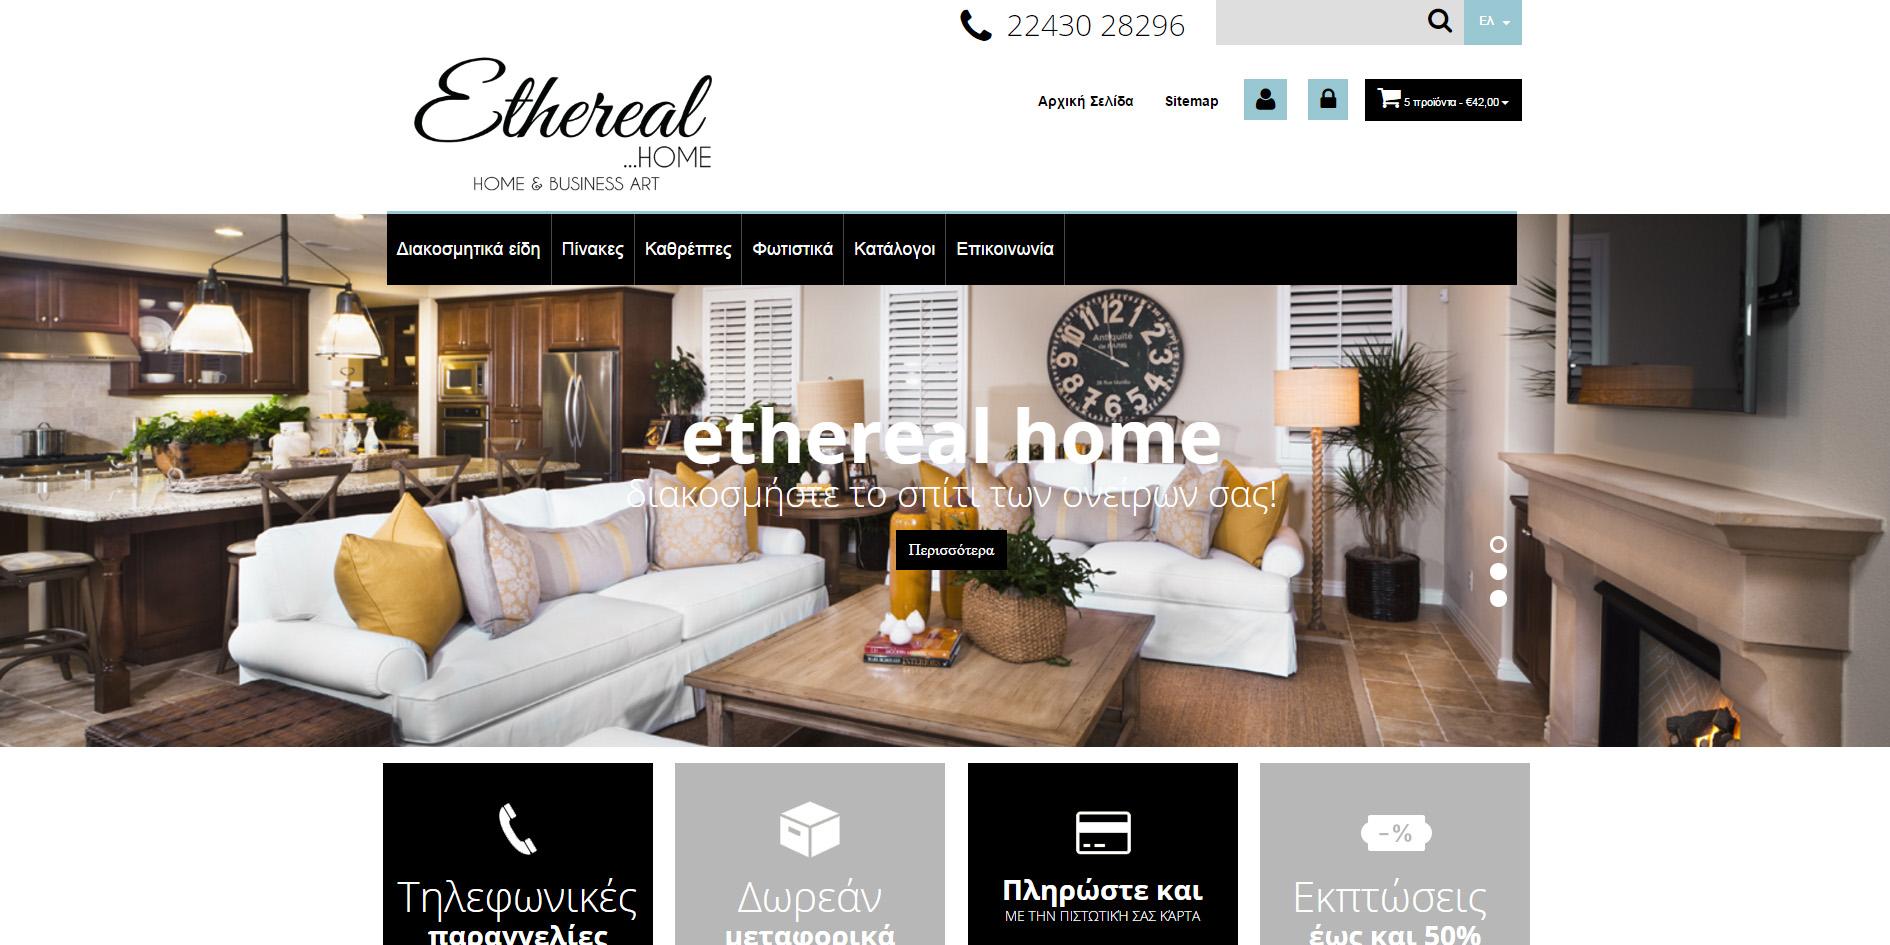 Ηλεκτρονικό κατάστημα Ethereal Home